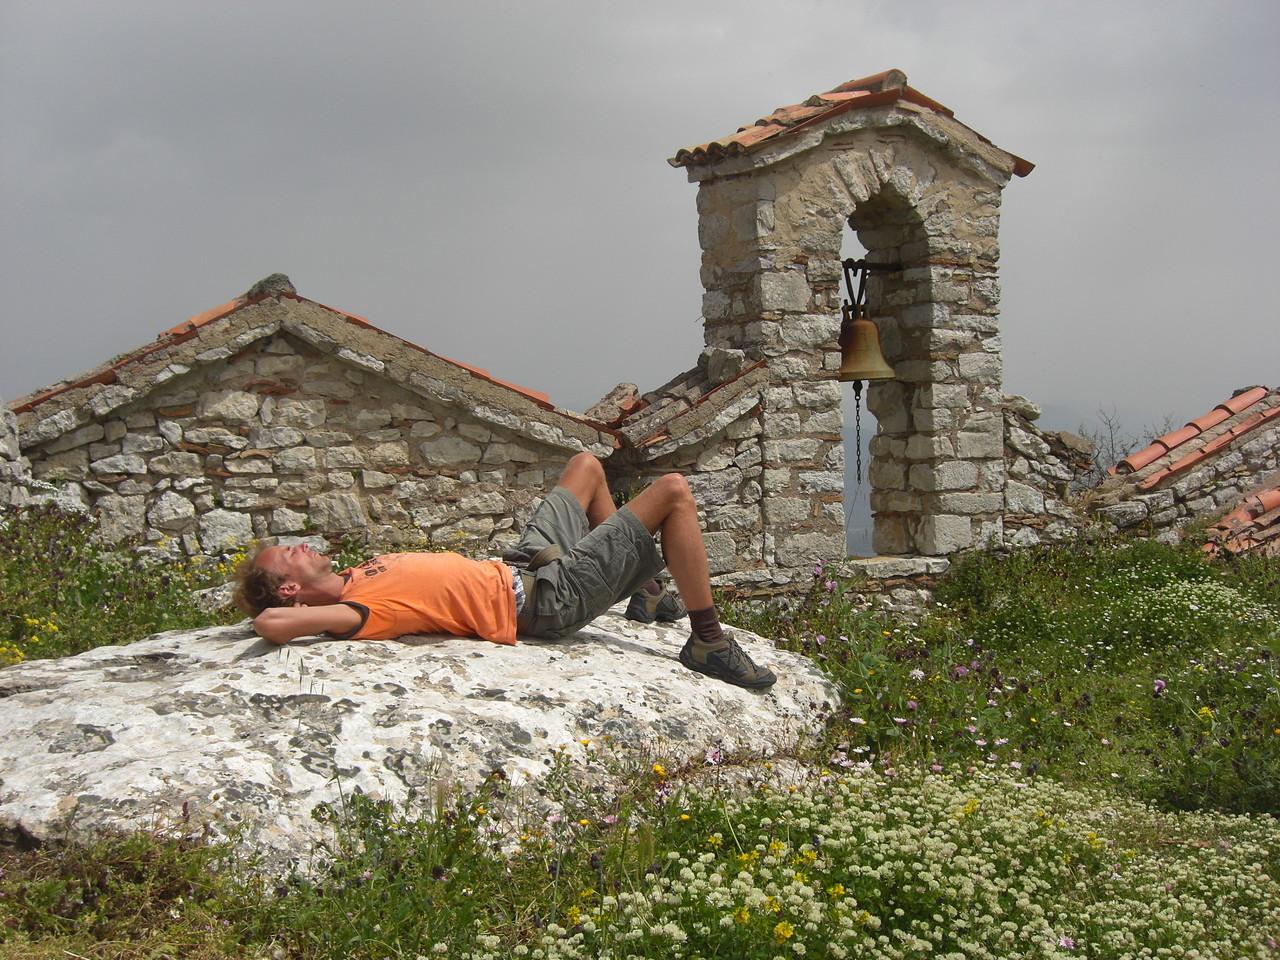 Ithomi-Gipfel bei Messini